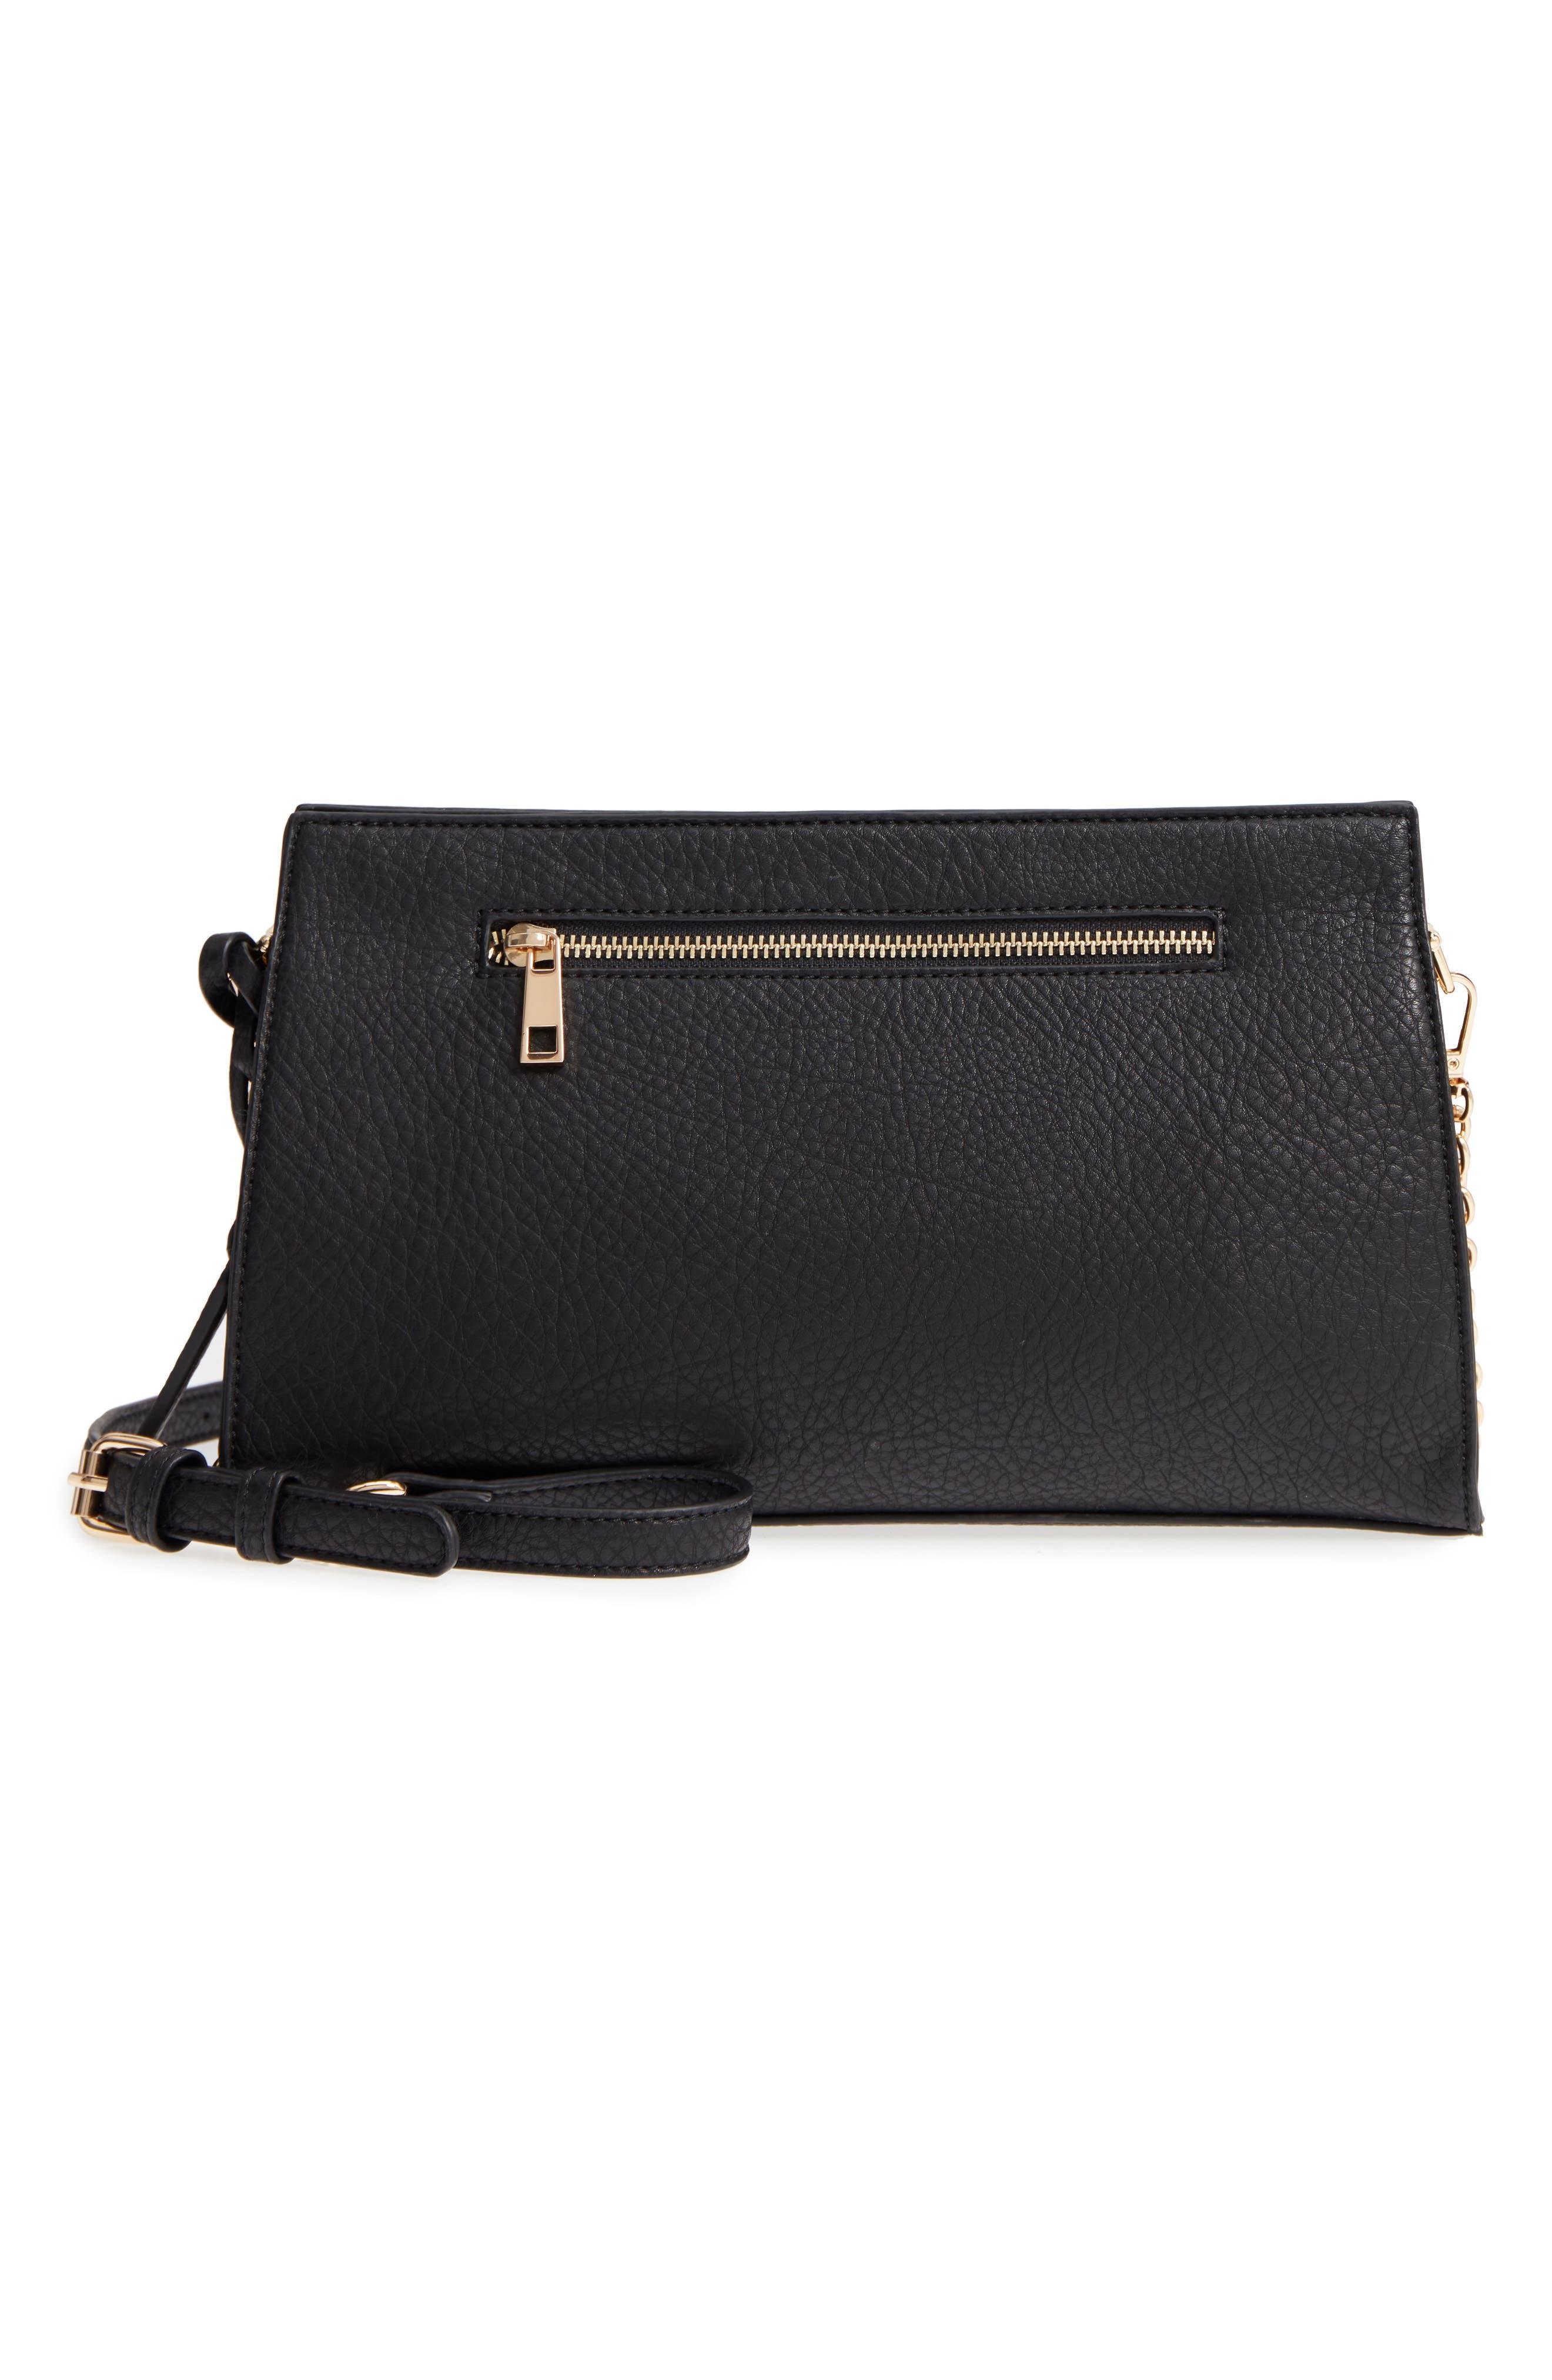 Kiato Chain Strap Crossbody Bag,                         Main,                         color, 001